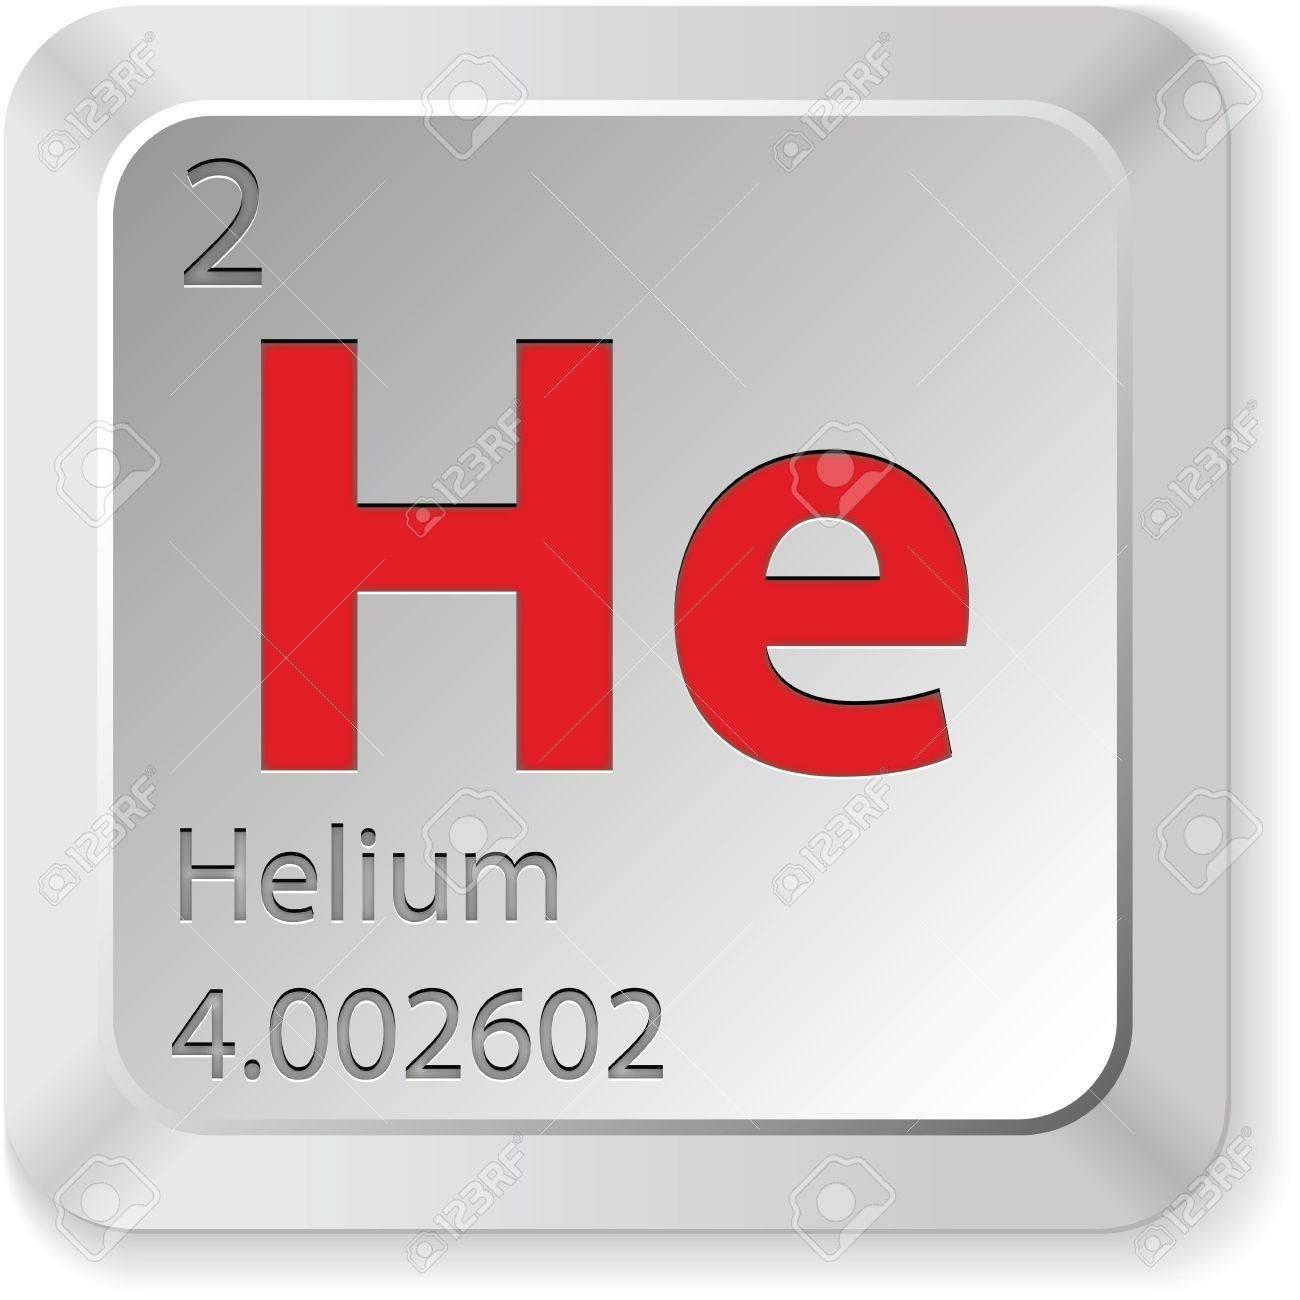 helium button Stock Vector - 14982846